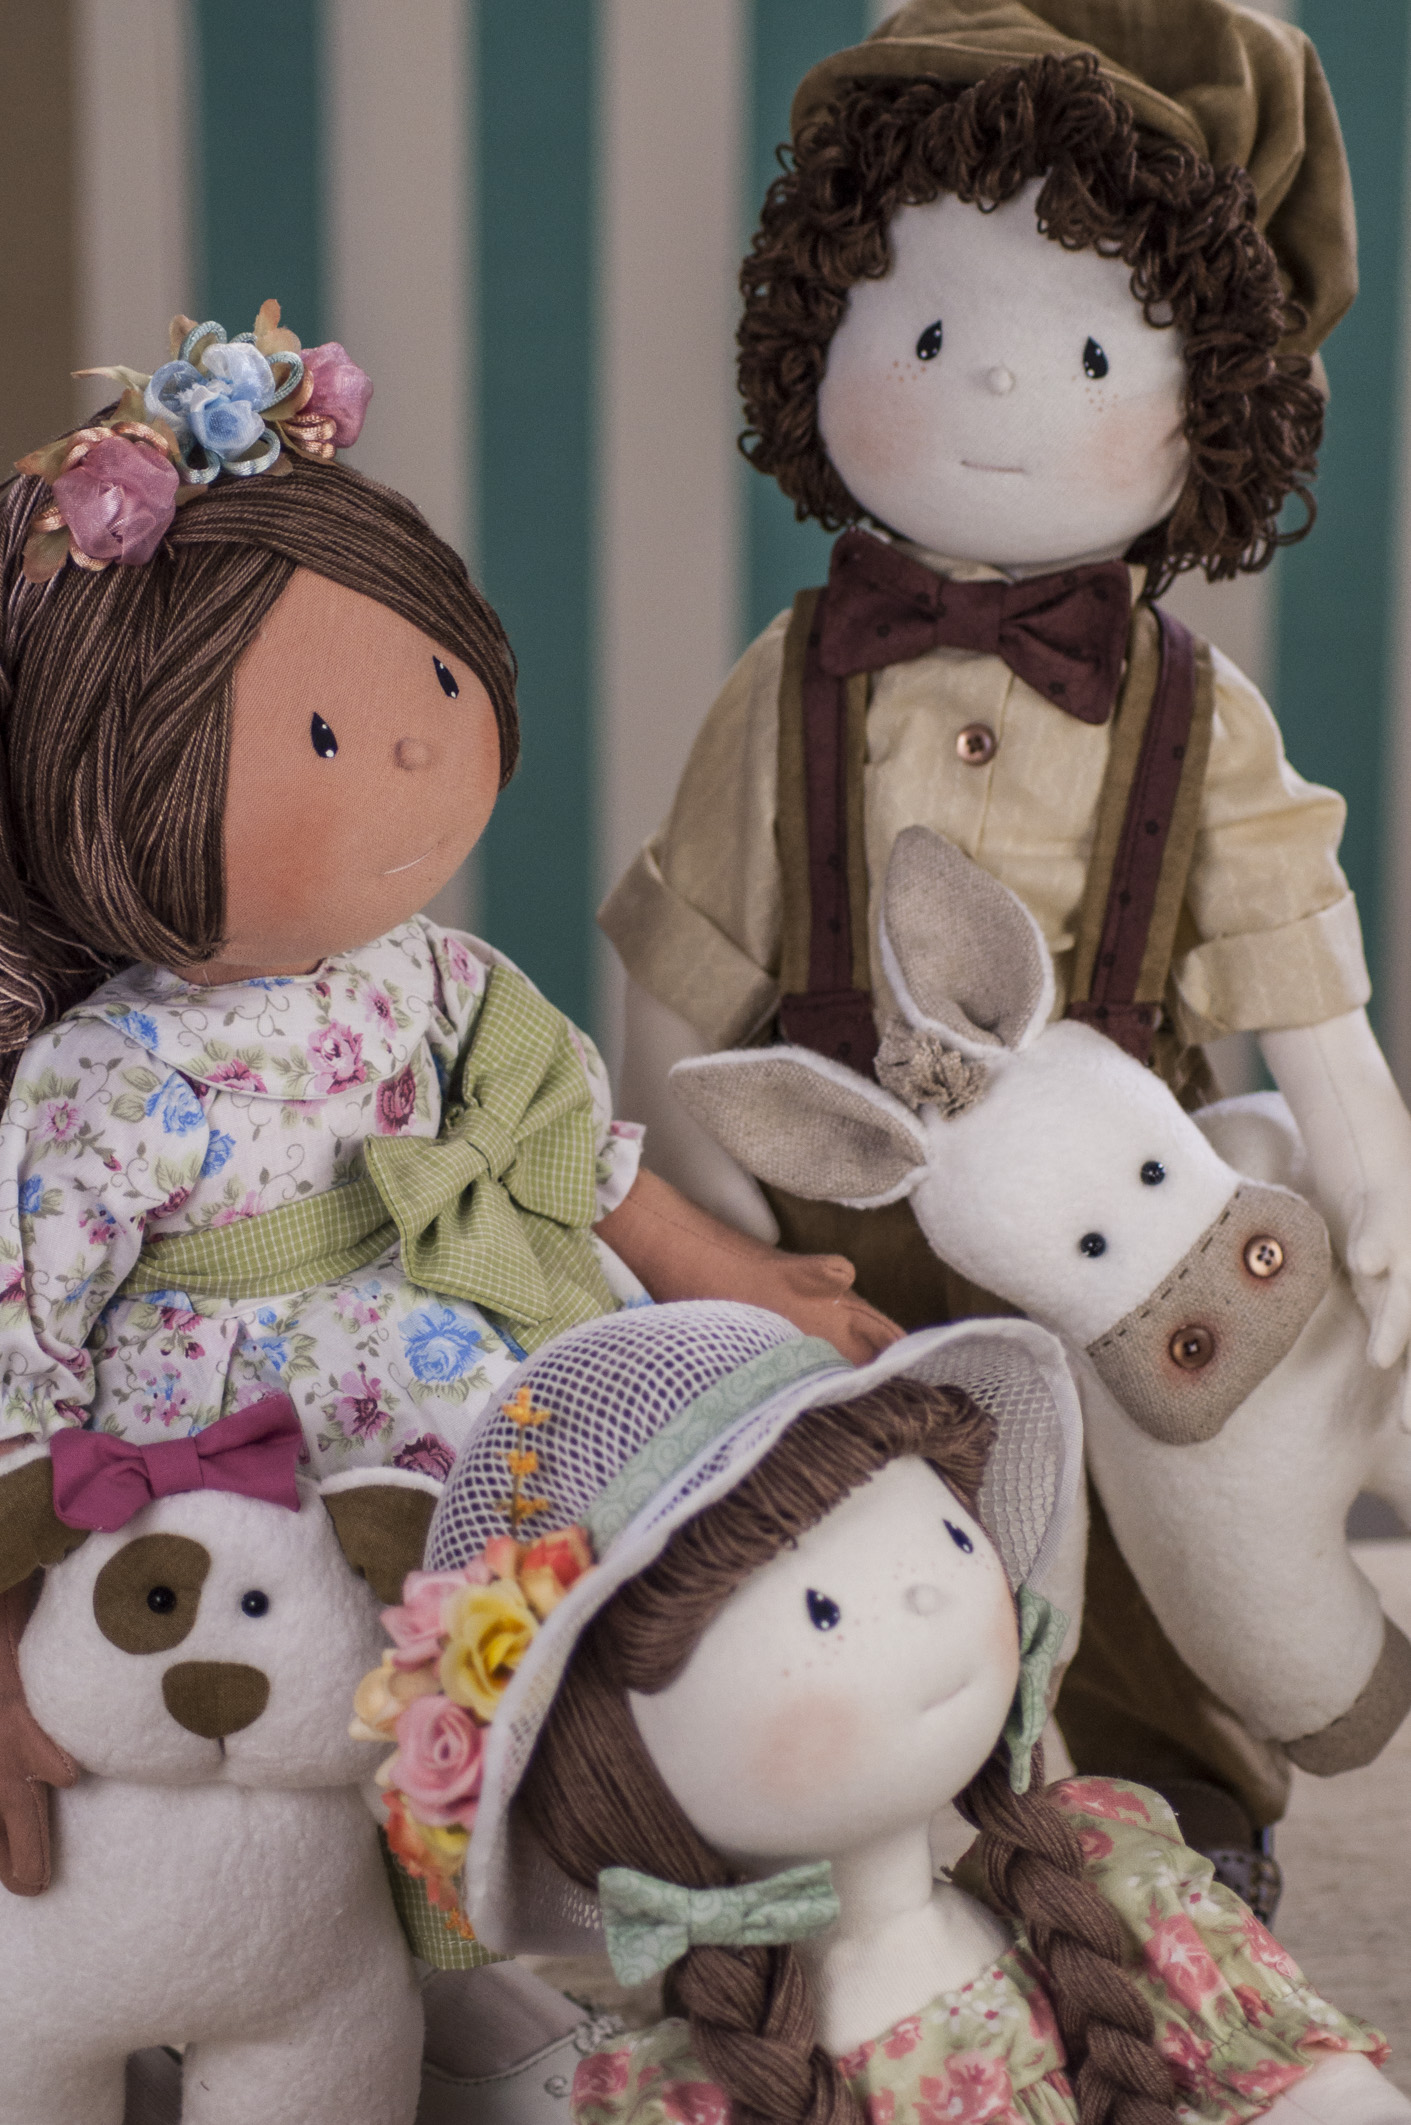 As bonecas são originais e com técnicas exclusivas, desenvolvidas por Vivi